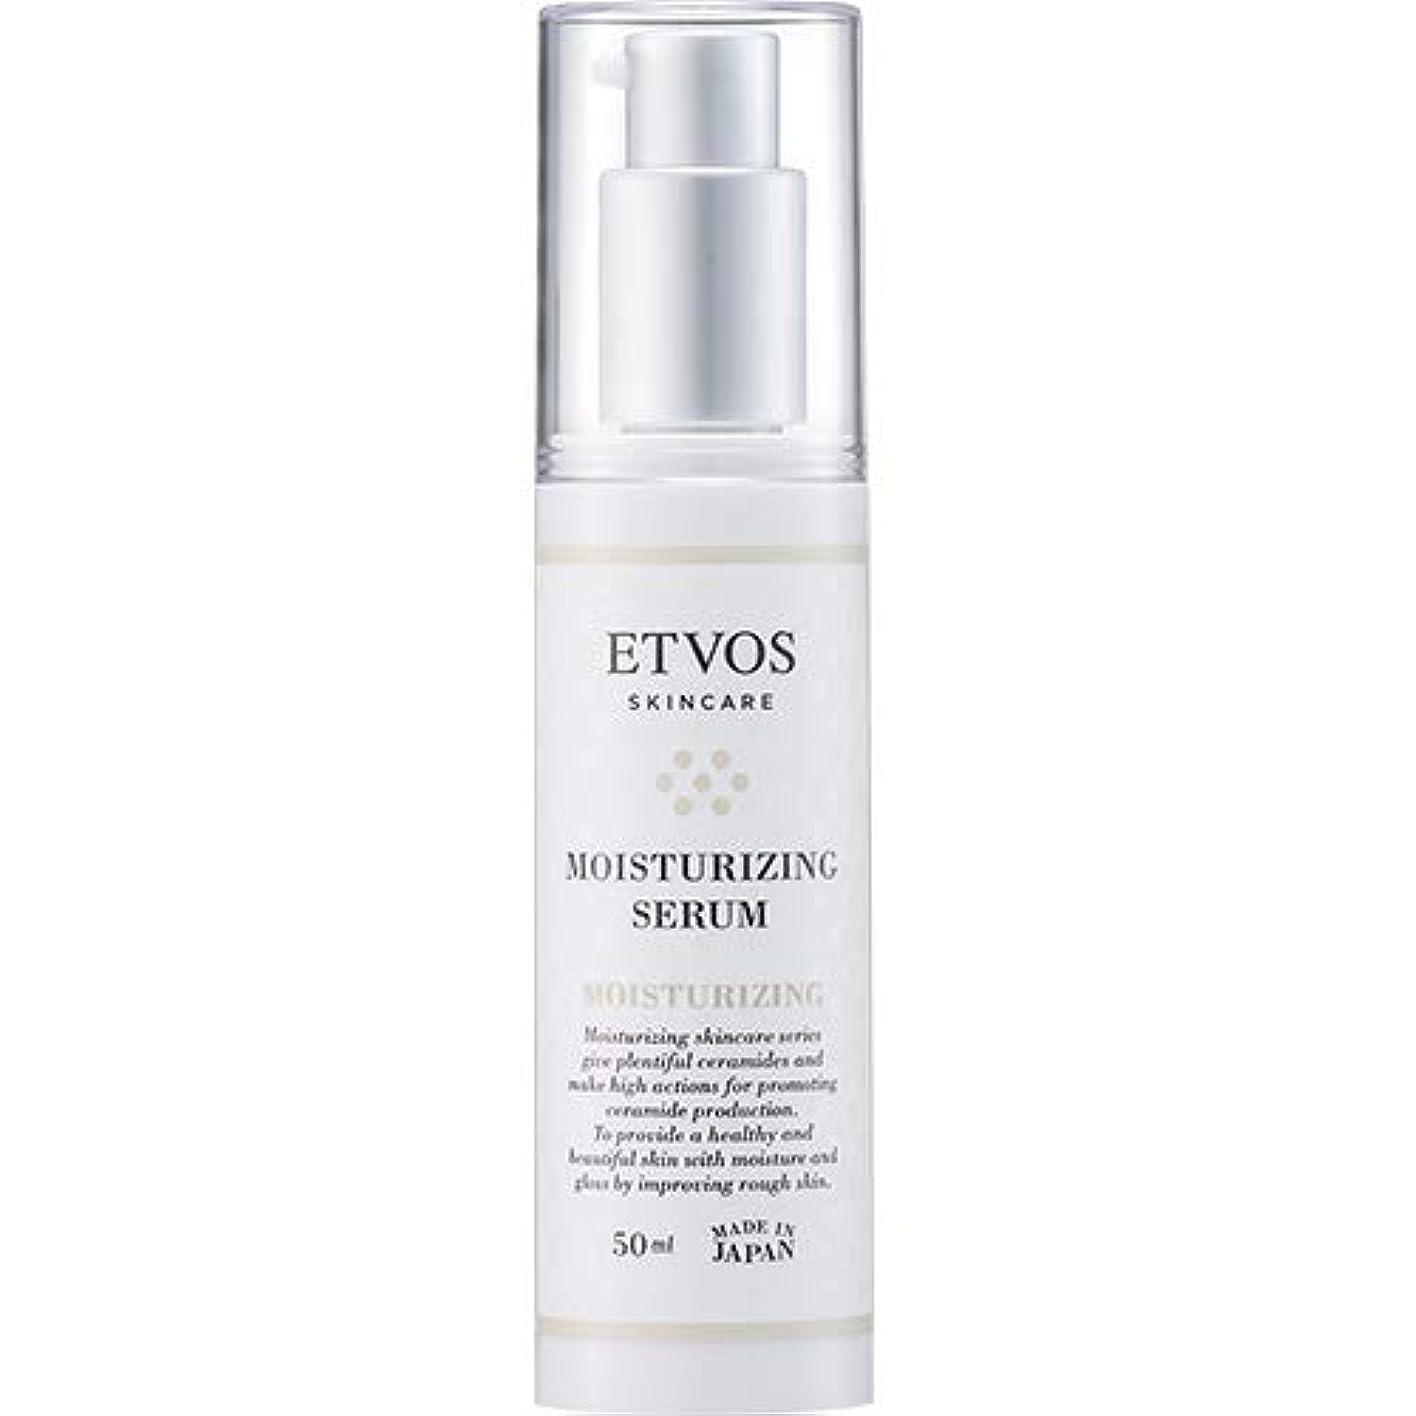 利益時間とともに墓ETVOS(エトヴォス) 保湿美容液 モイスチャライジングセラム 50ml ヒト型セラミド配合 乾燥肌/敏感肌 乳液